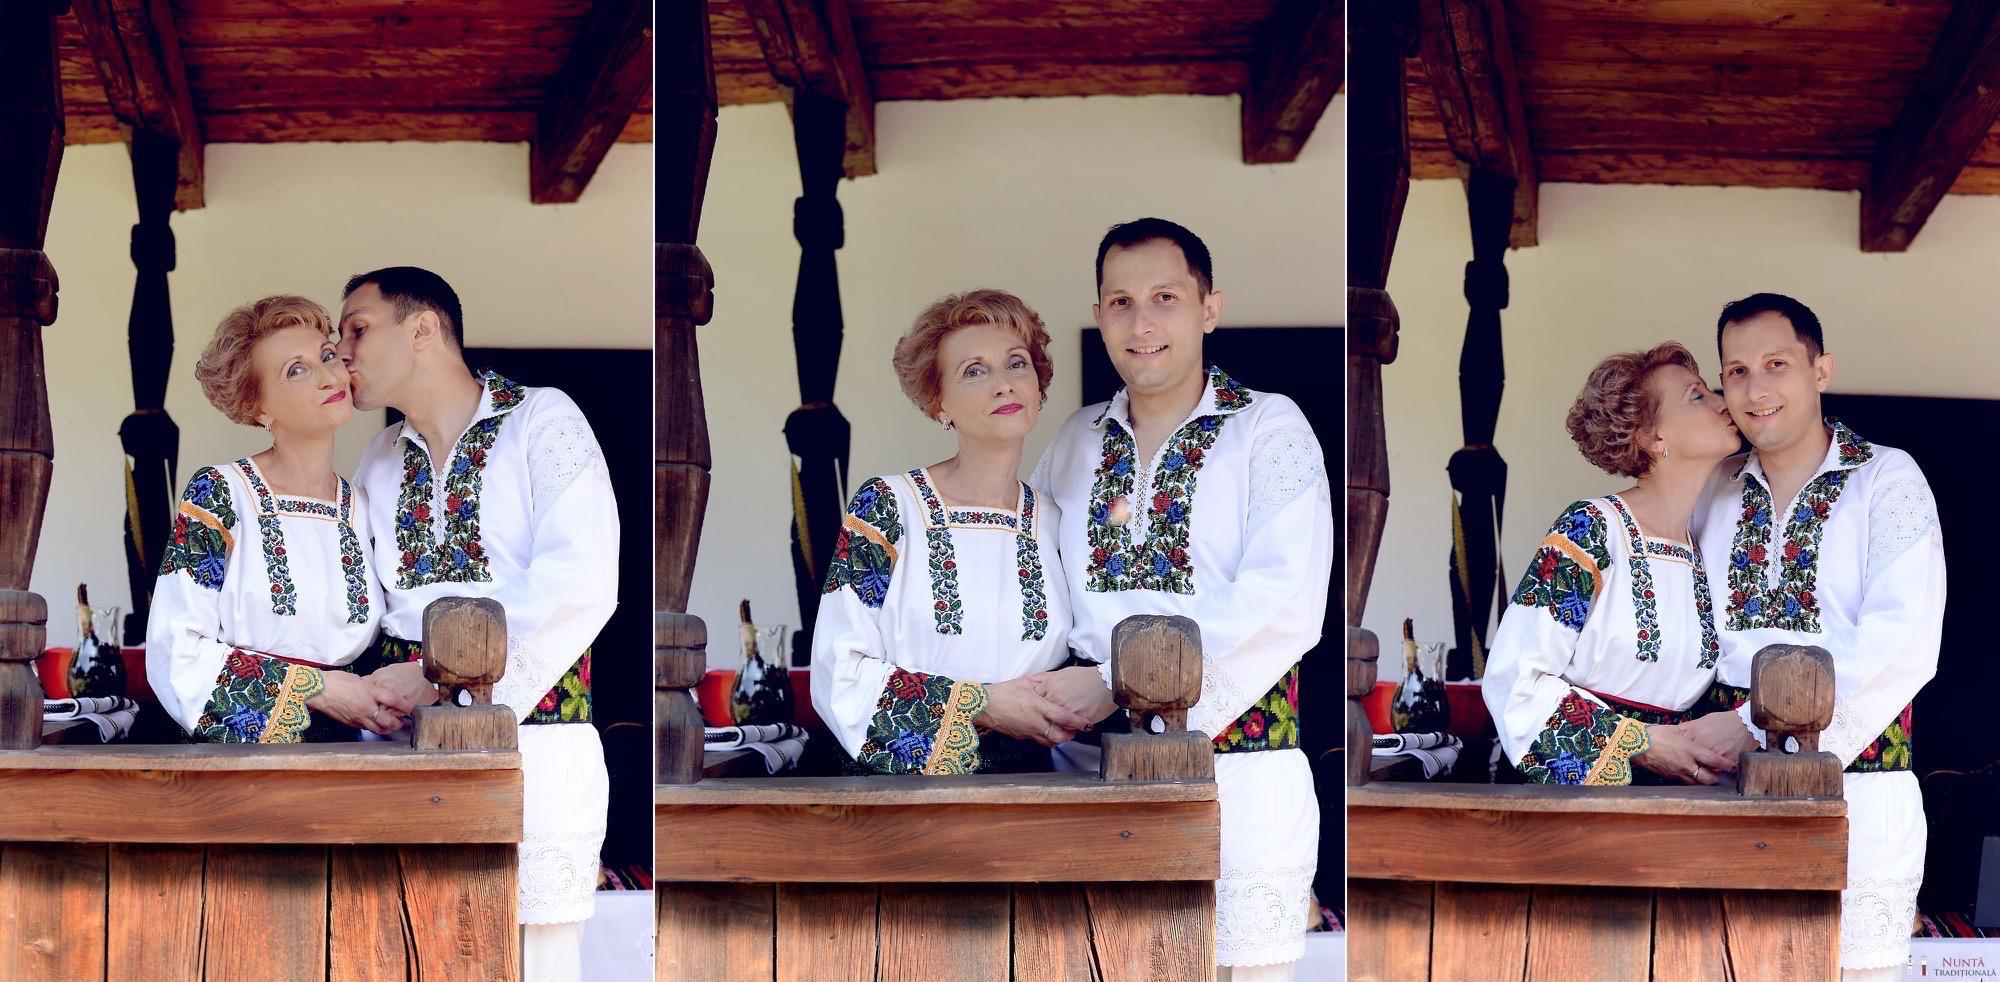 Povești Nunți Tradiționale - Iulia și Andrei. Nuntă tradițională în Bucovina. 32